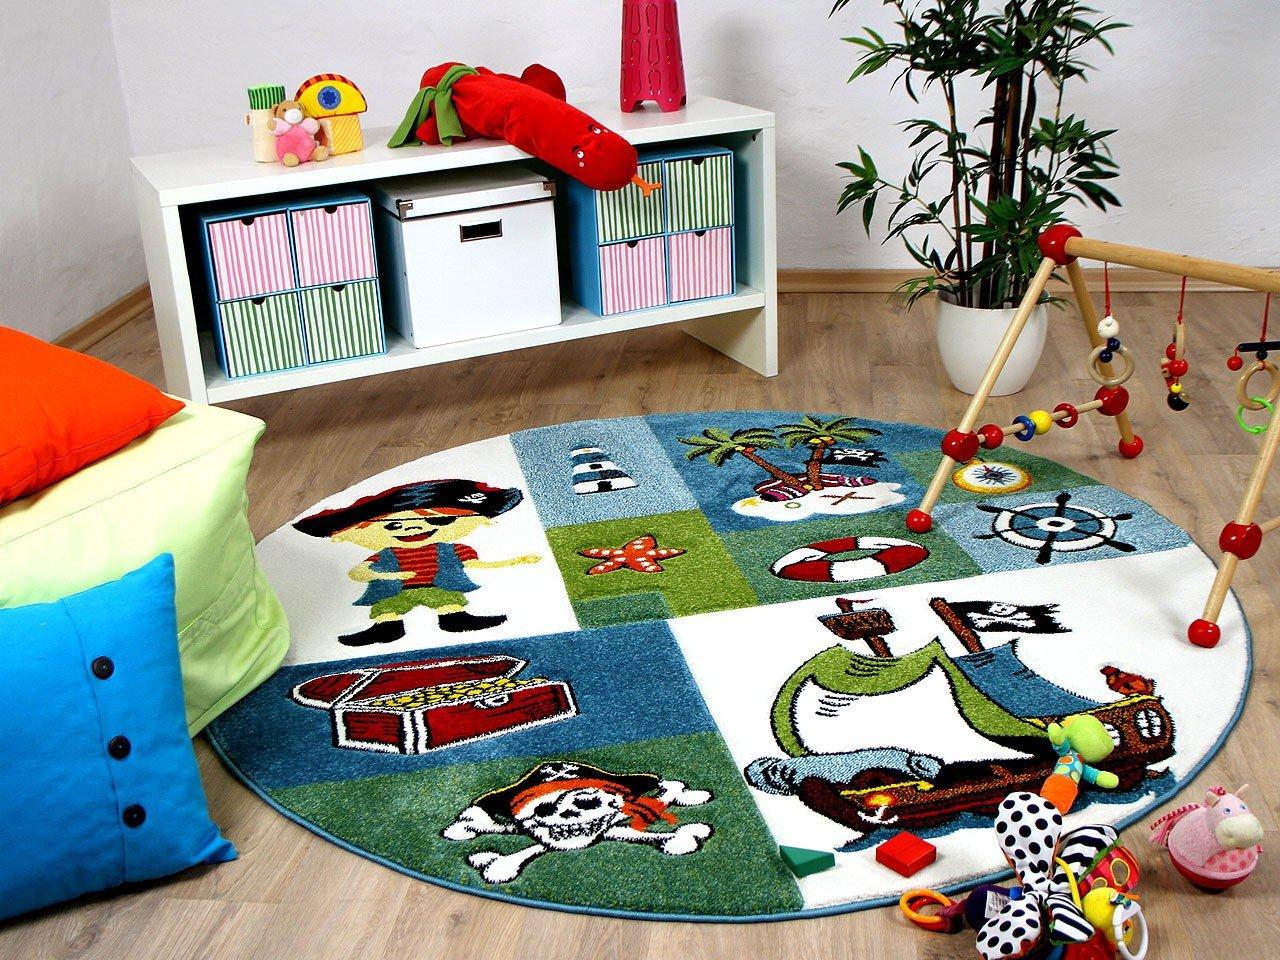 Maui Kids - Tapis pour enfant rond - motif pirate - 2 tailles disponibles